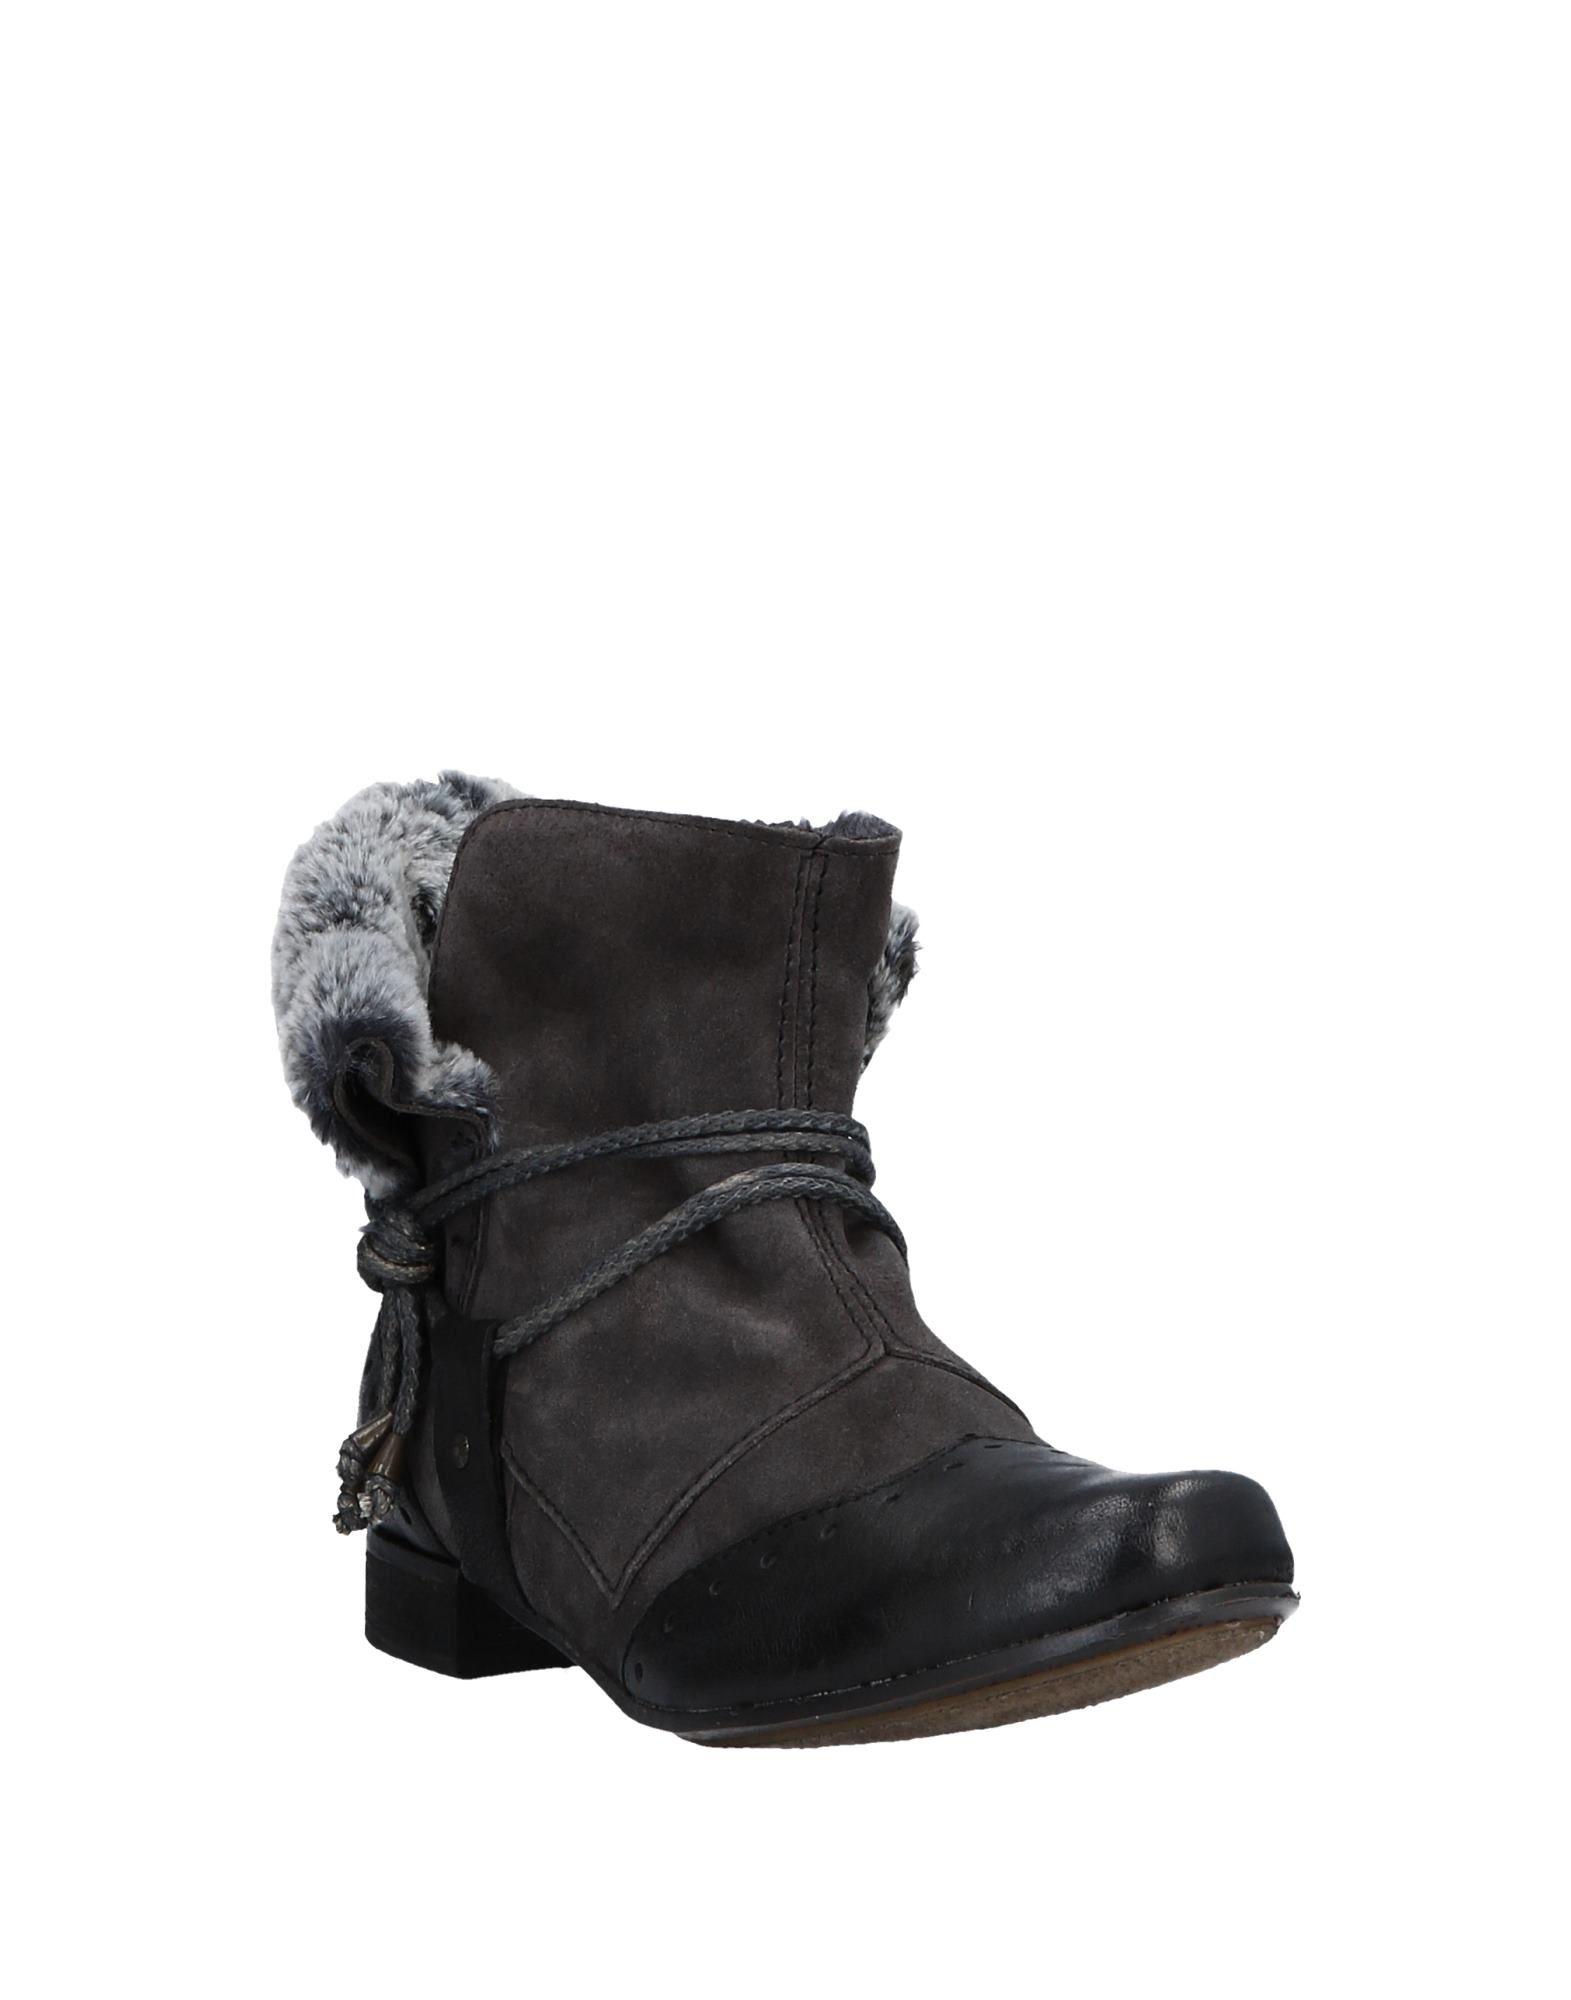 Gut um billige billige billige Schuhe zu tragenClocharme Stiefelette Damen 11529339VC 795197